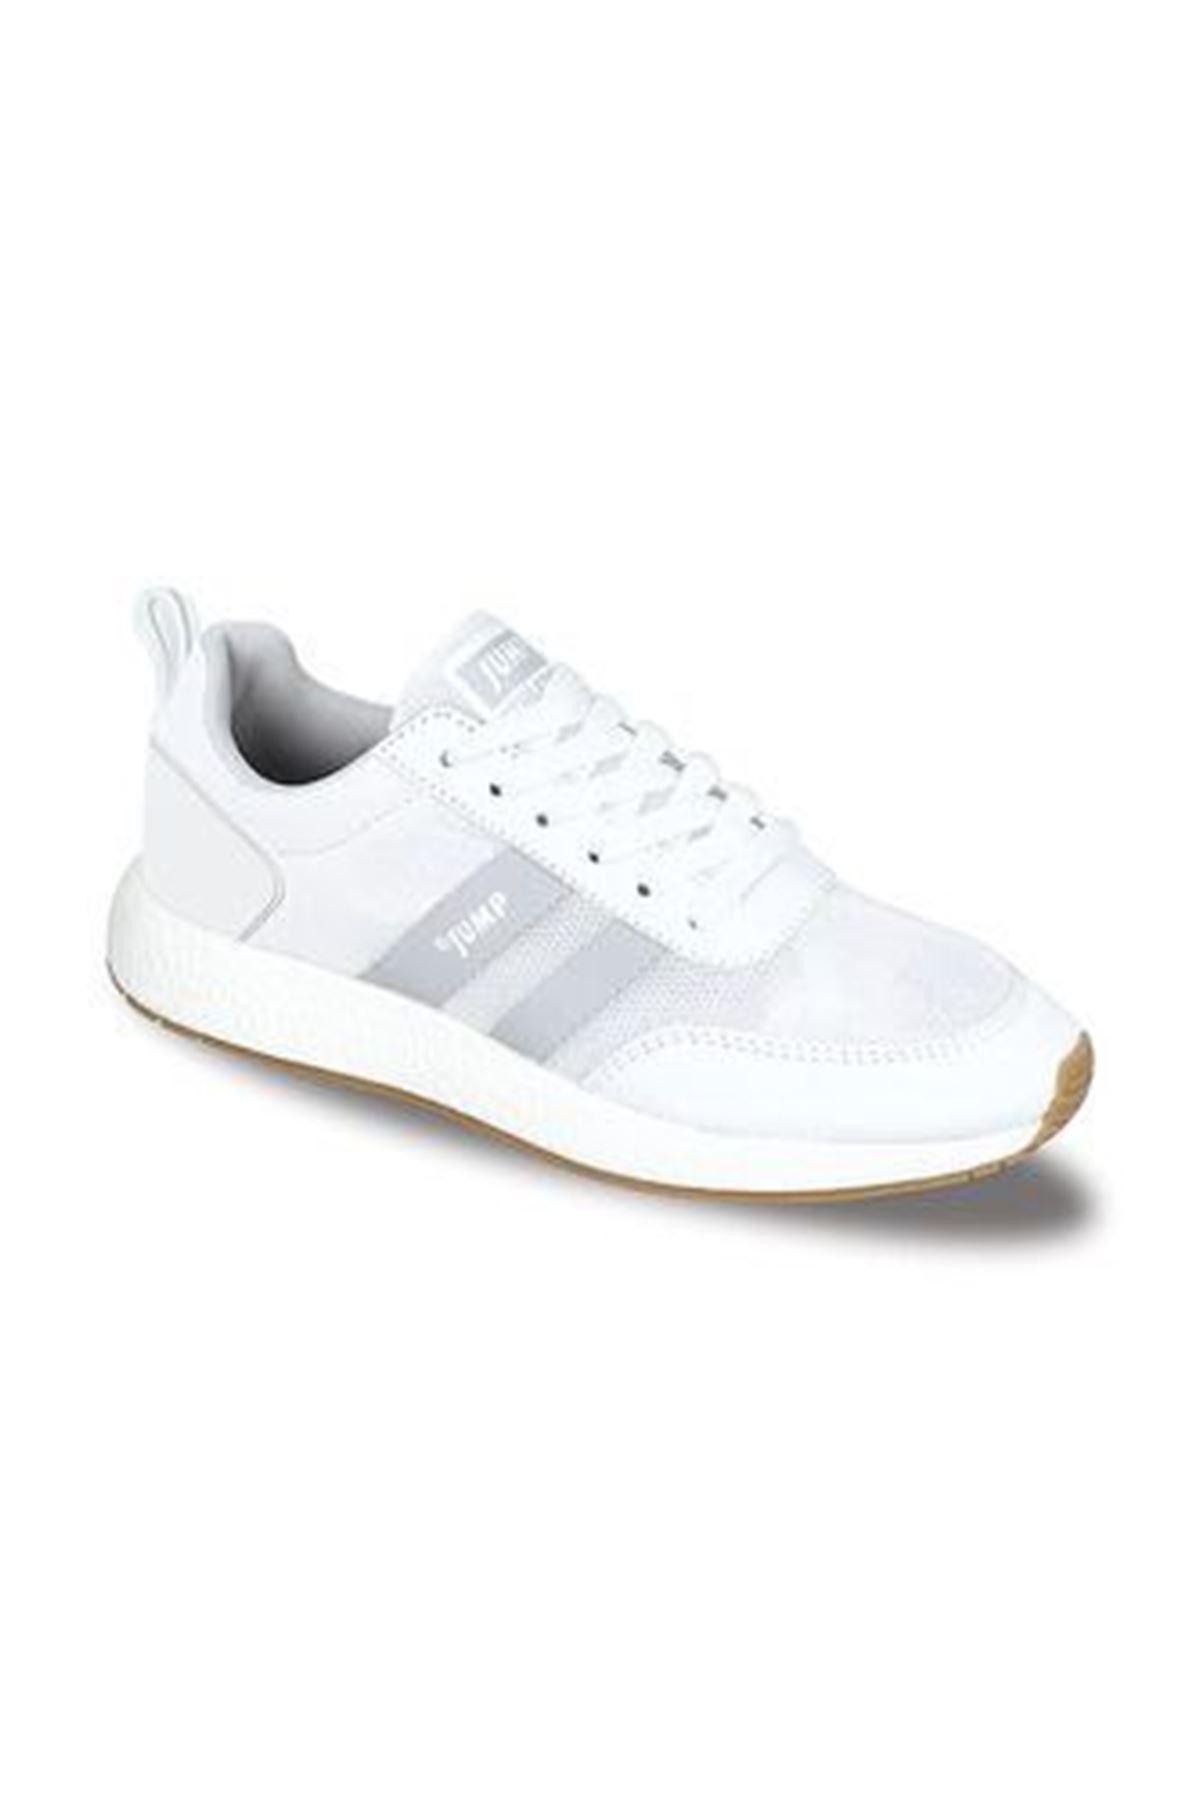 Beyaz Erkek Spor Ayakkabı Rahat Hafif 26396